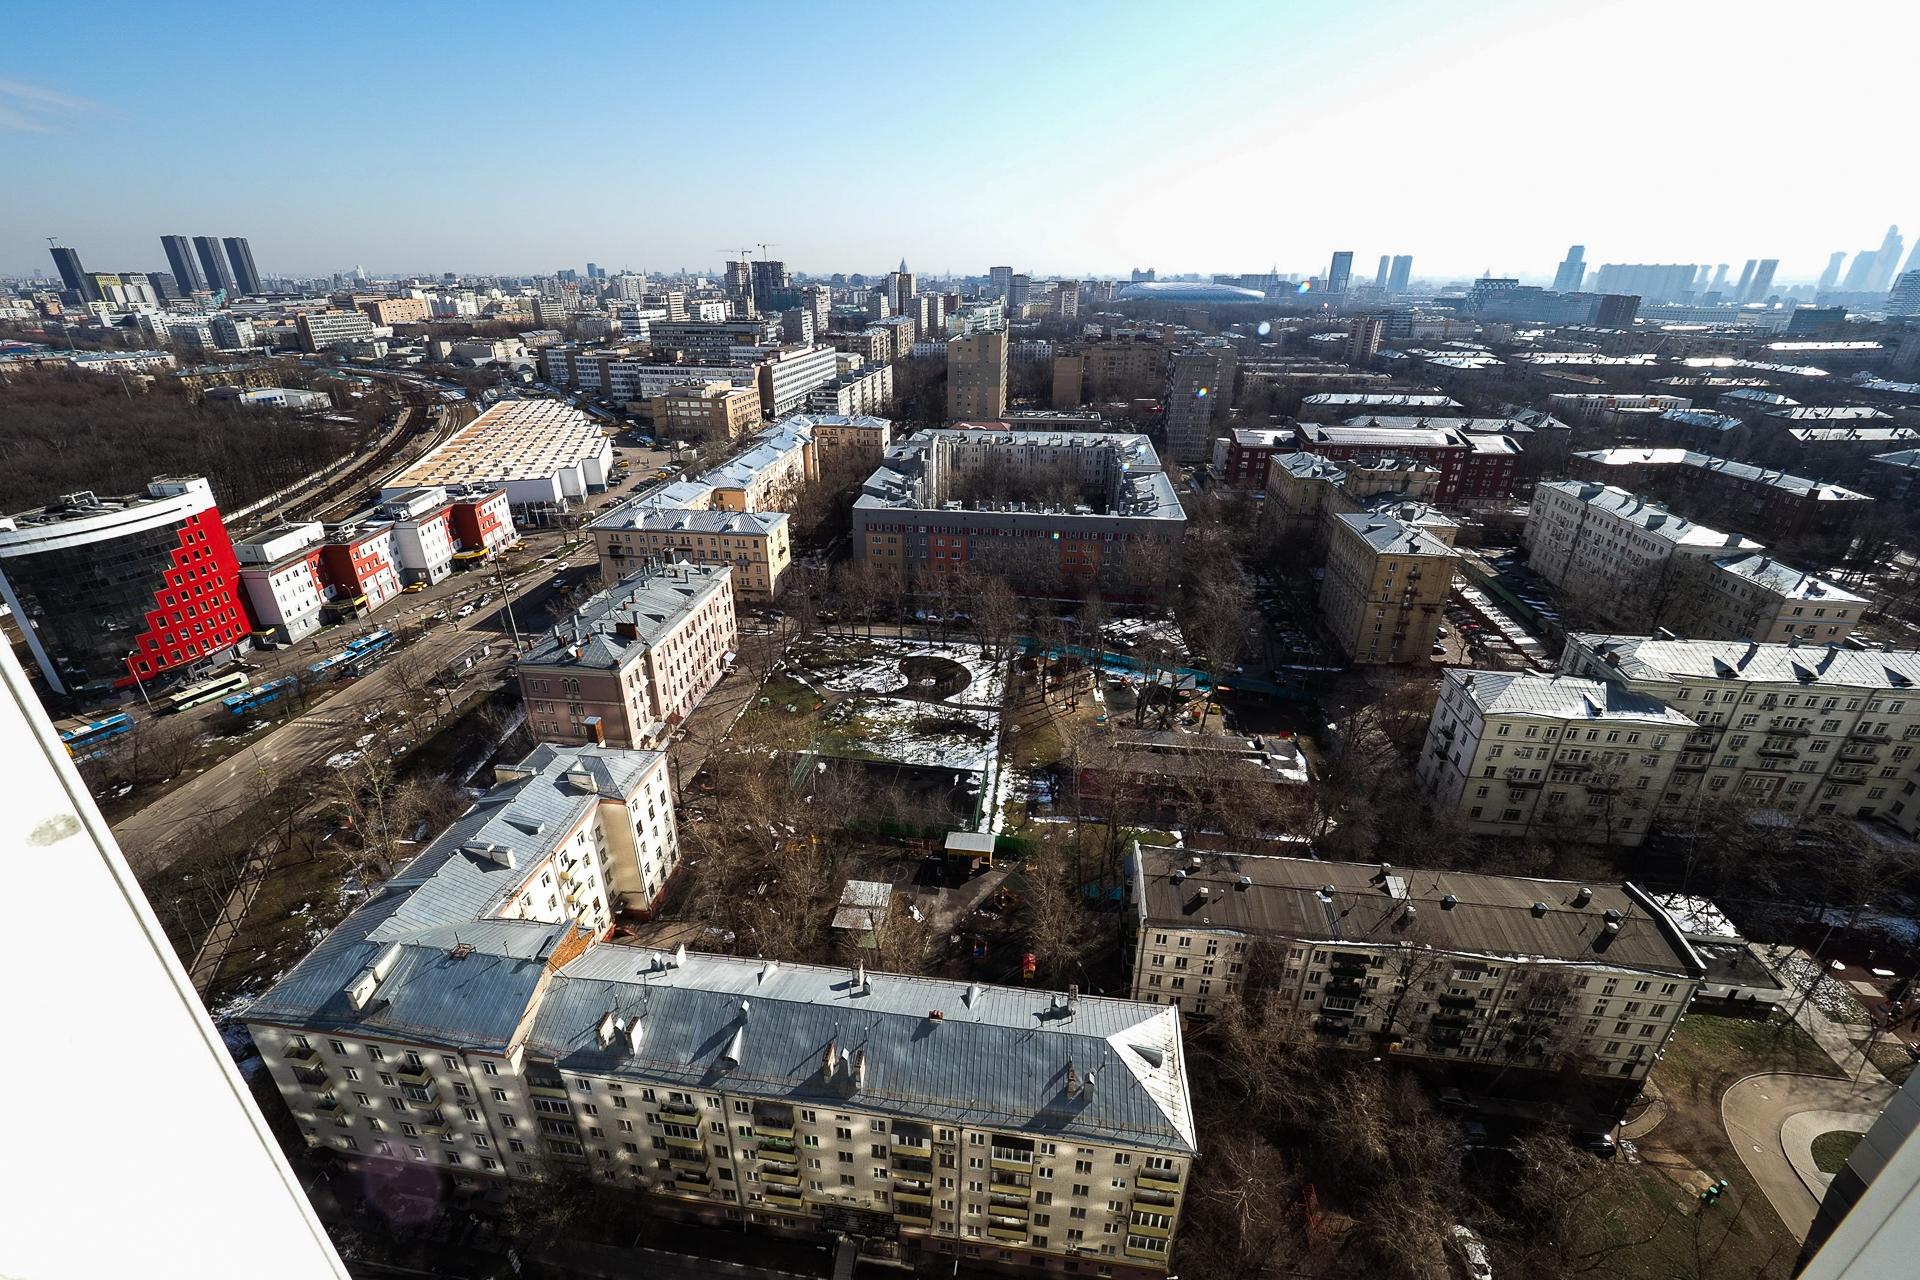 видовая квартира 22 этаж 100 Кв м 6